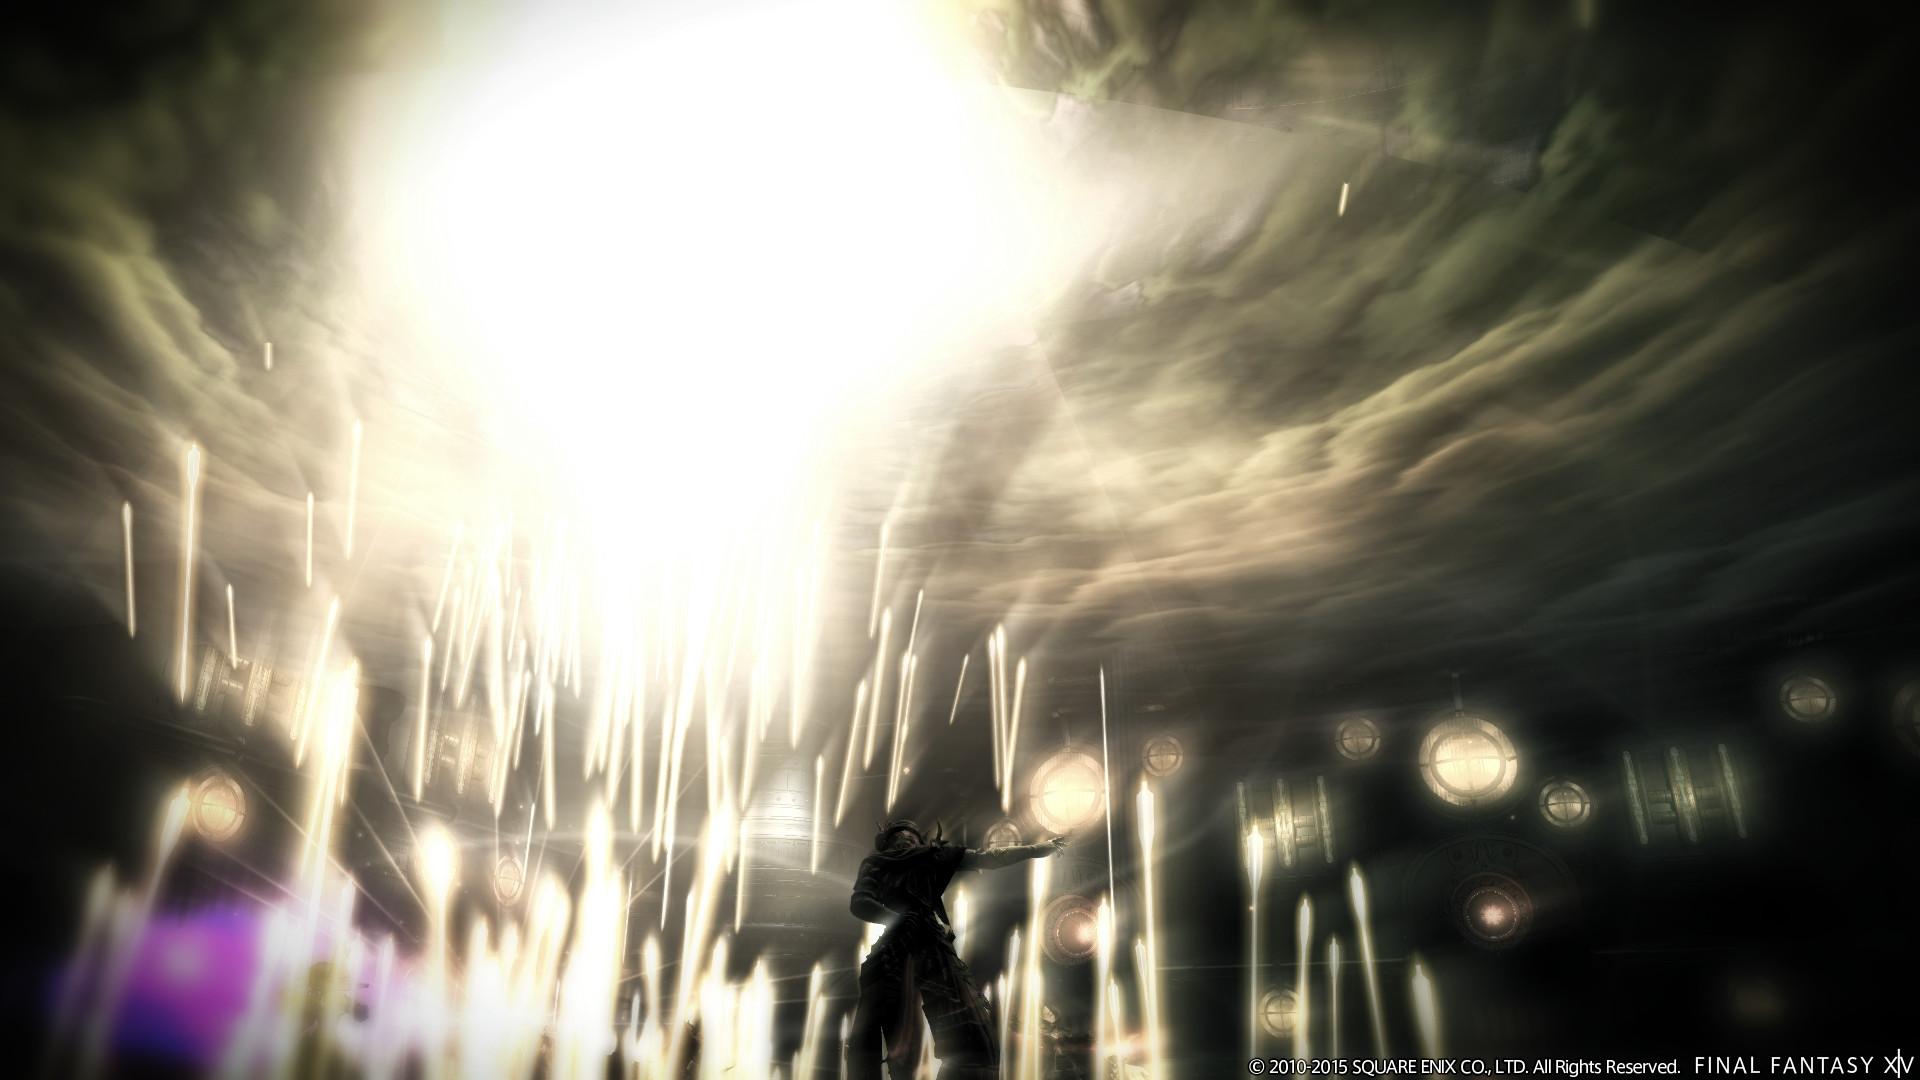 《最终幻想14》3.0补丁来袭 海量新截图抢先看